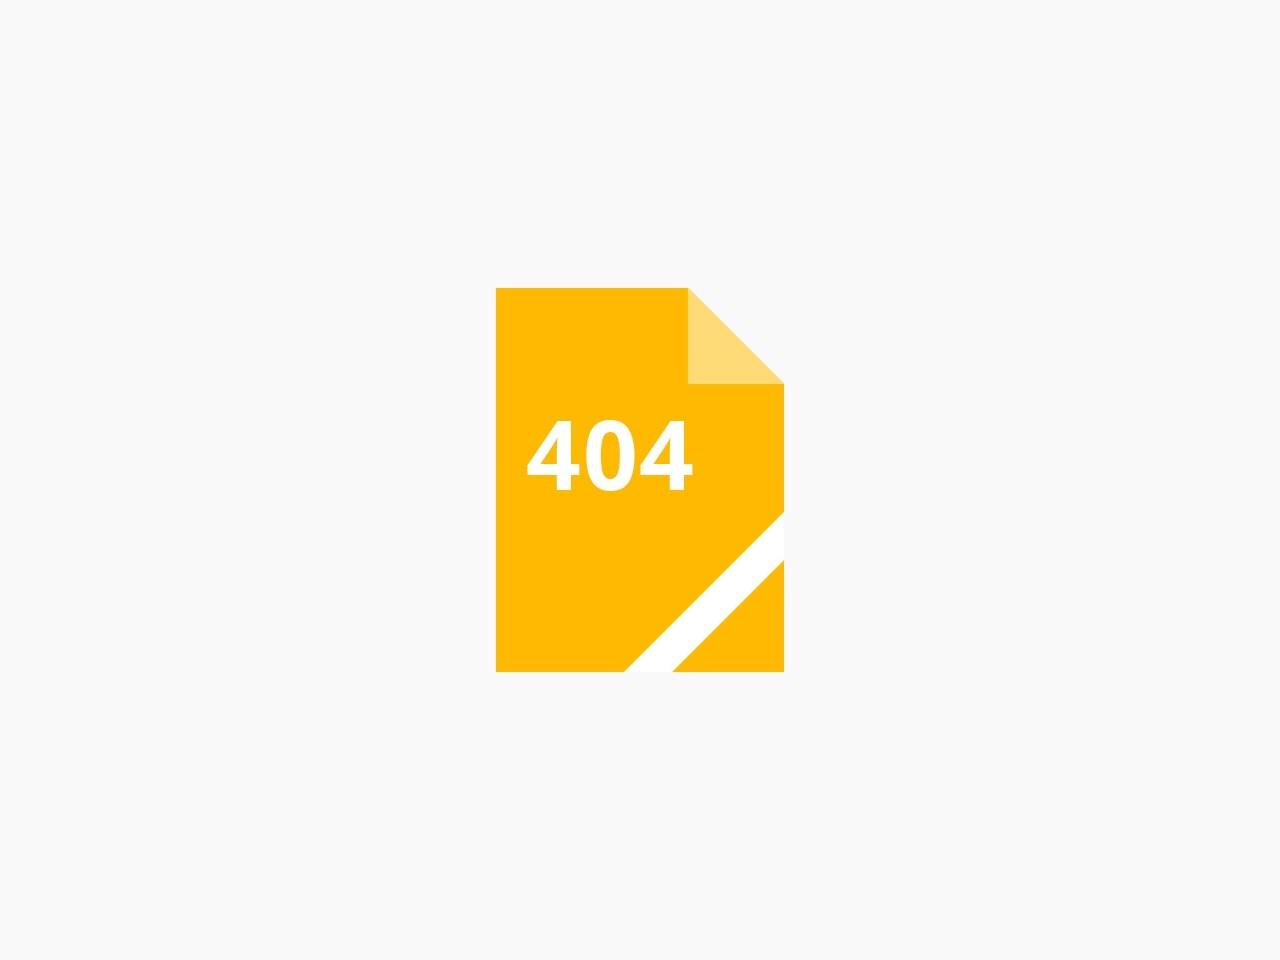 单机游戏_单机游戏下载_免费单机游戏_中文单机游戏下载基地_玩游戏网